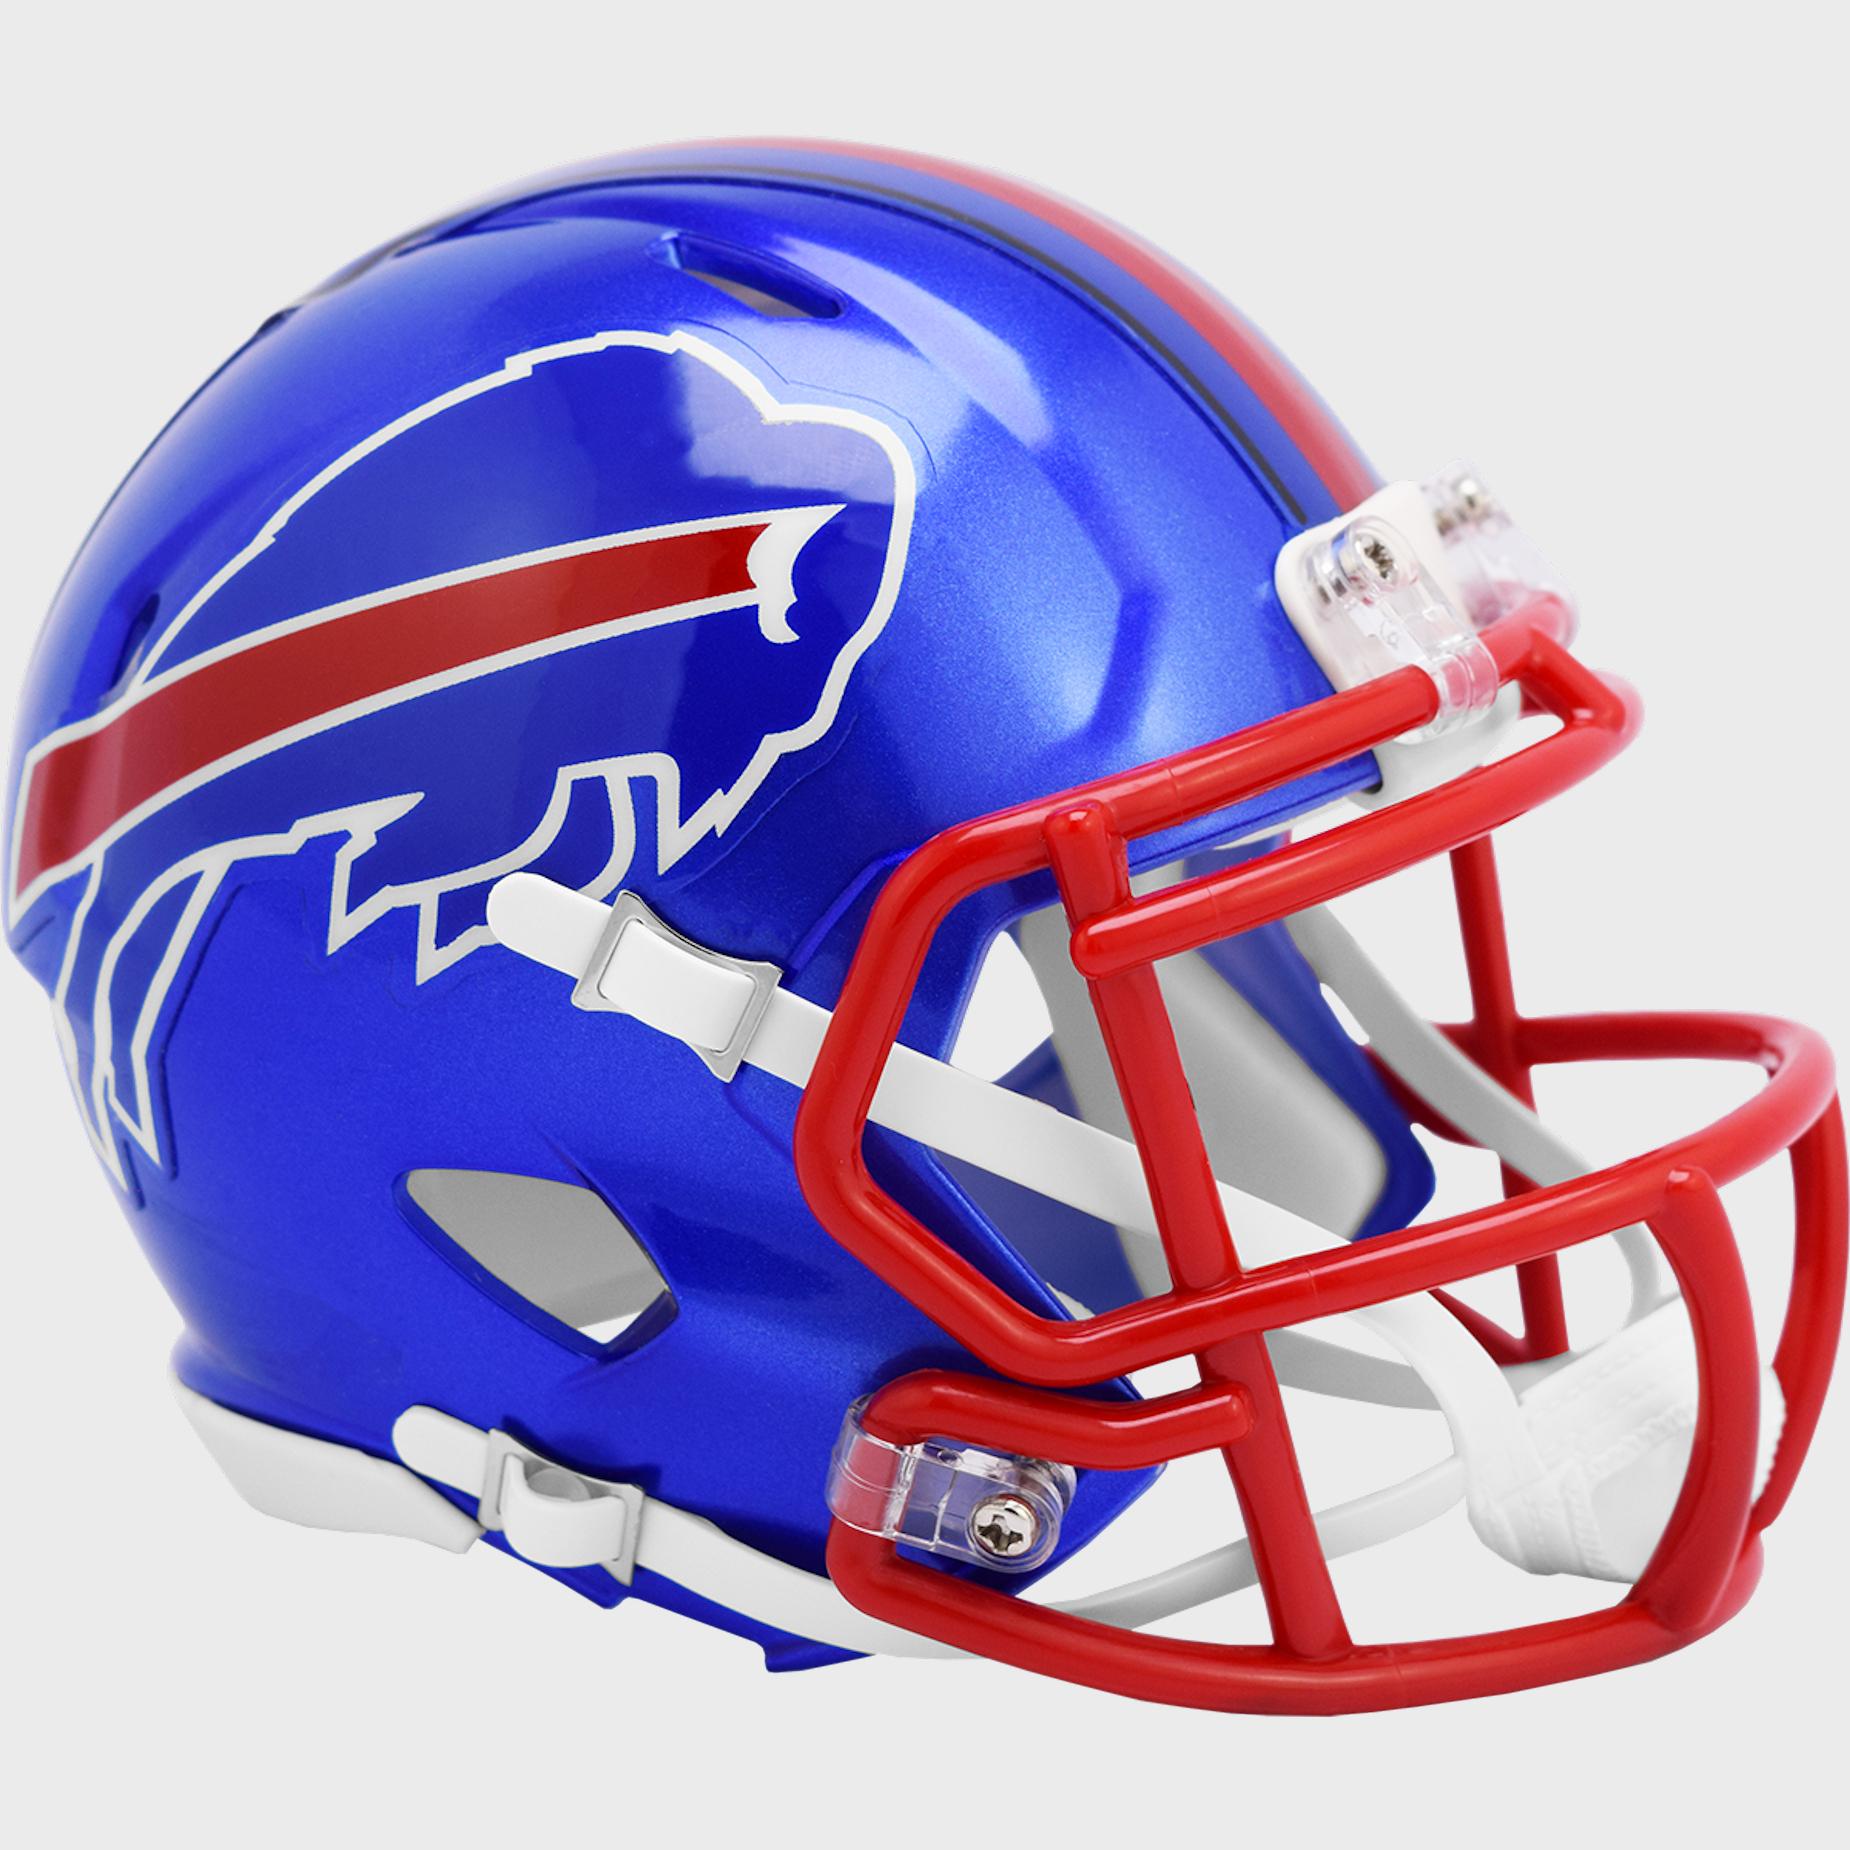 Buffalo Bills Speed Mini Football Helmet <B>FLASH ESD 8/21/21</B>